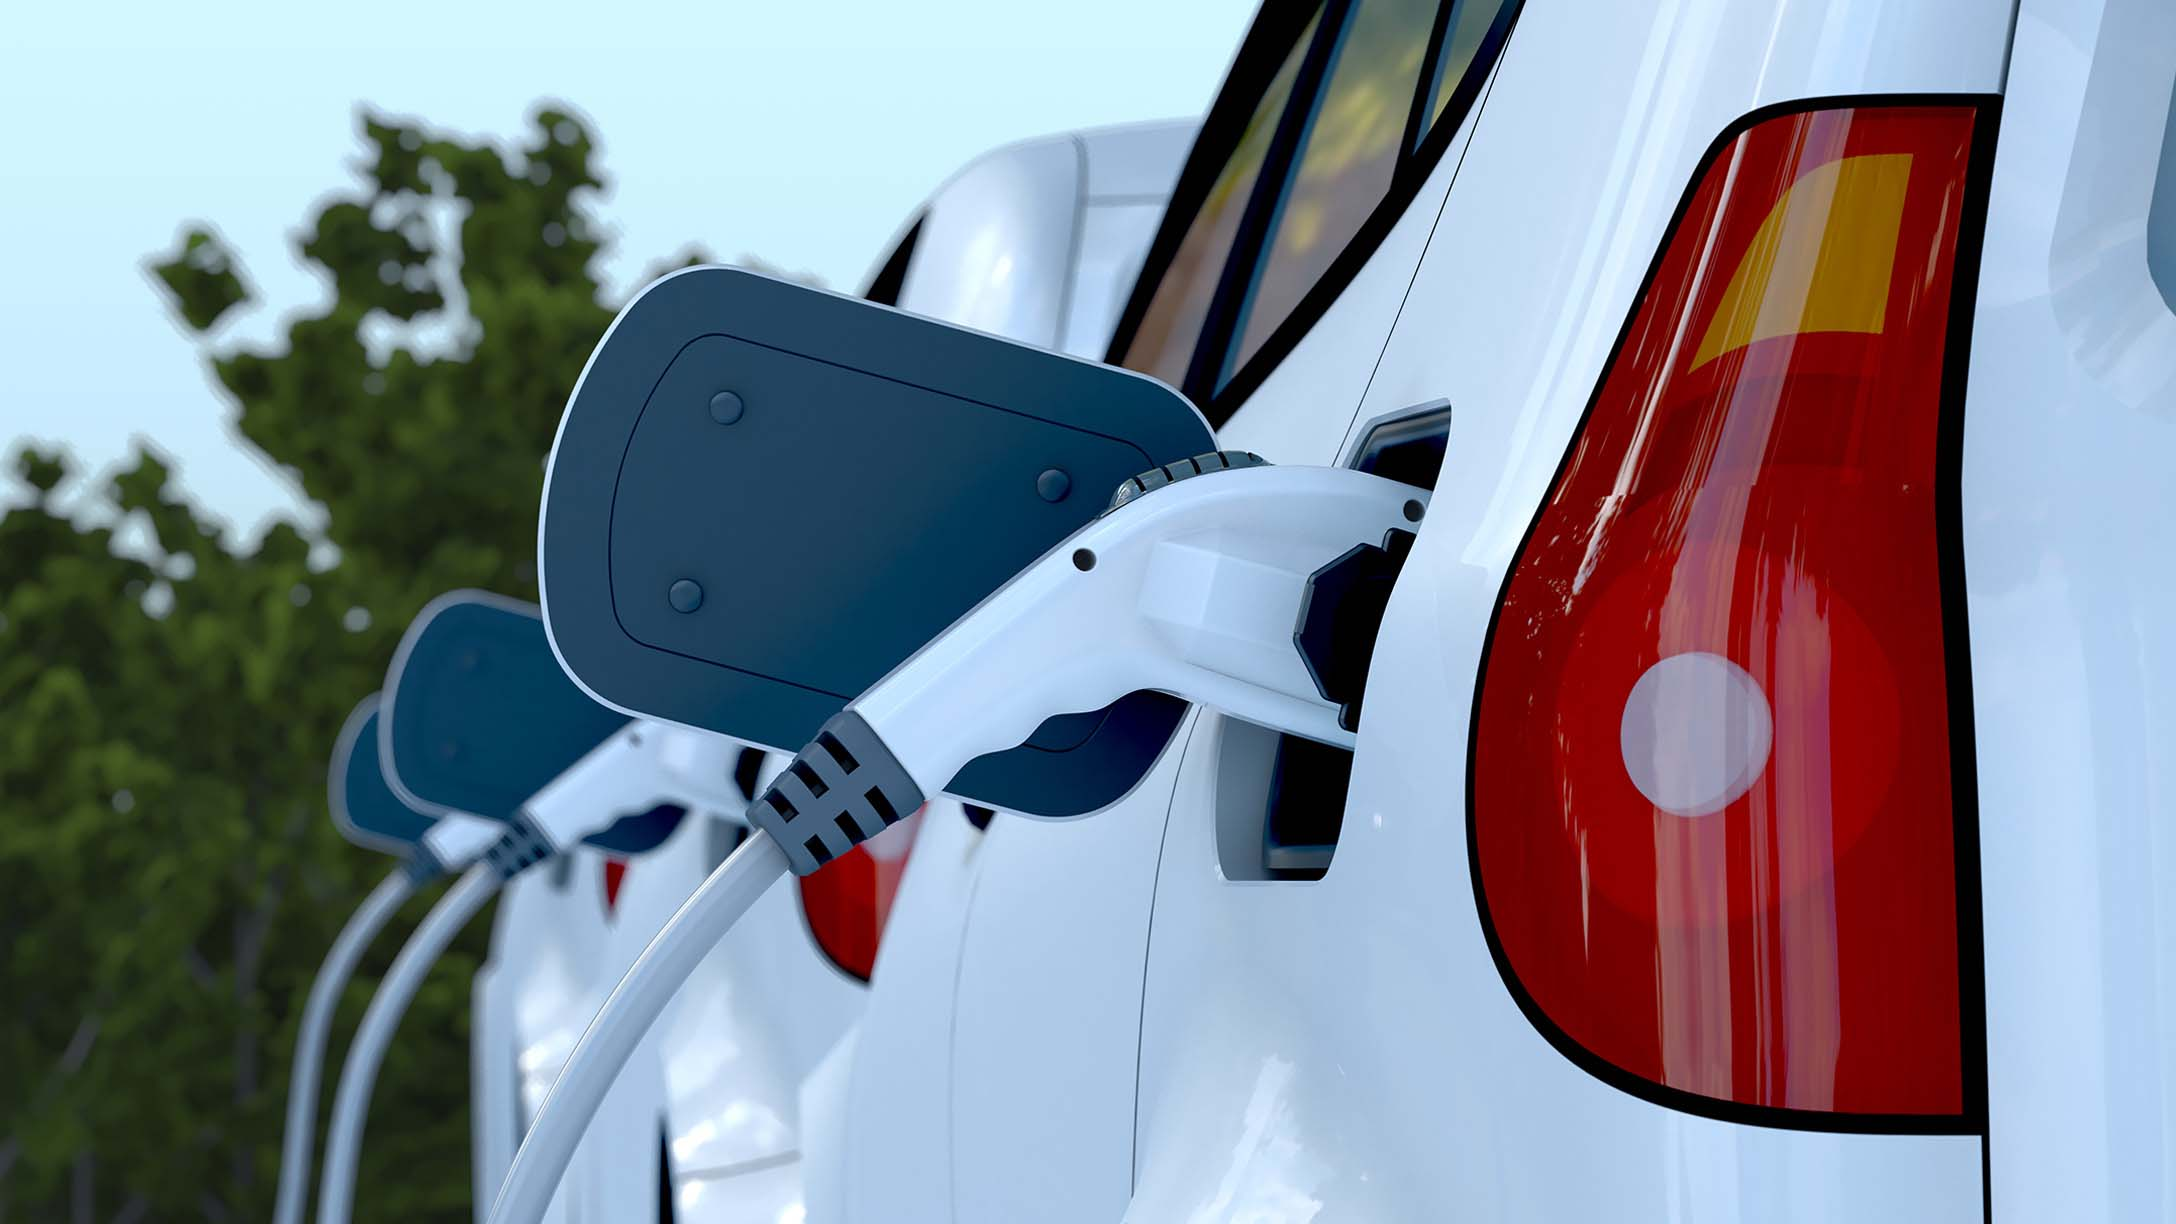 voiture-electrique-en-train-de-charger